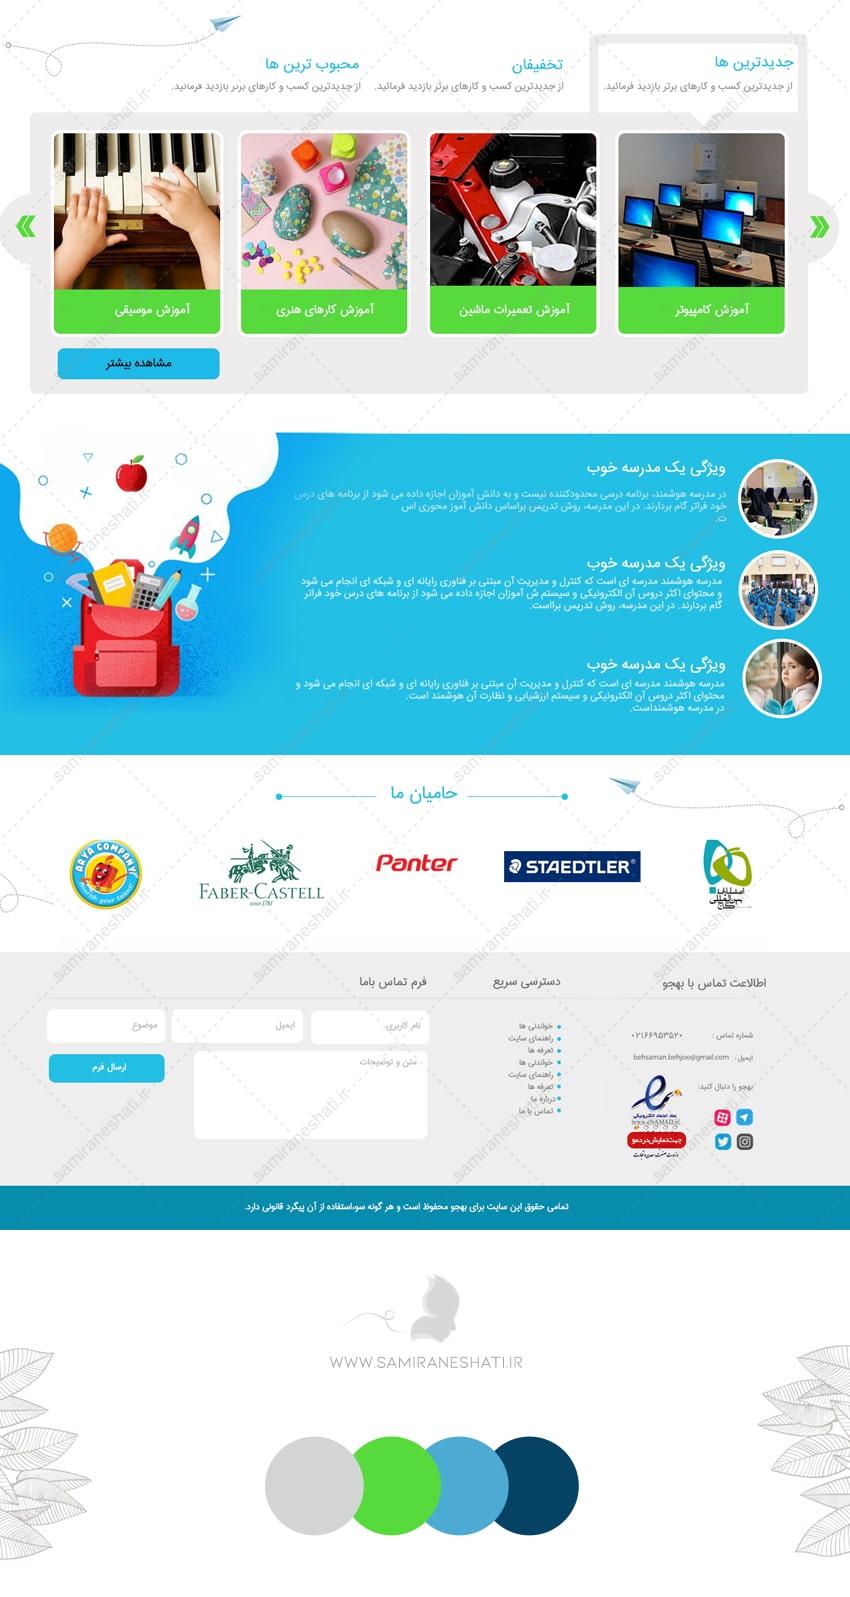 طراحی سایت بهجو